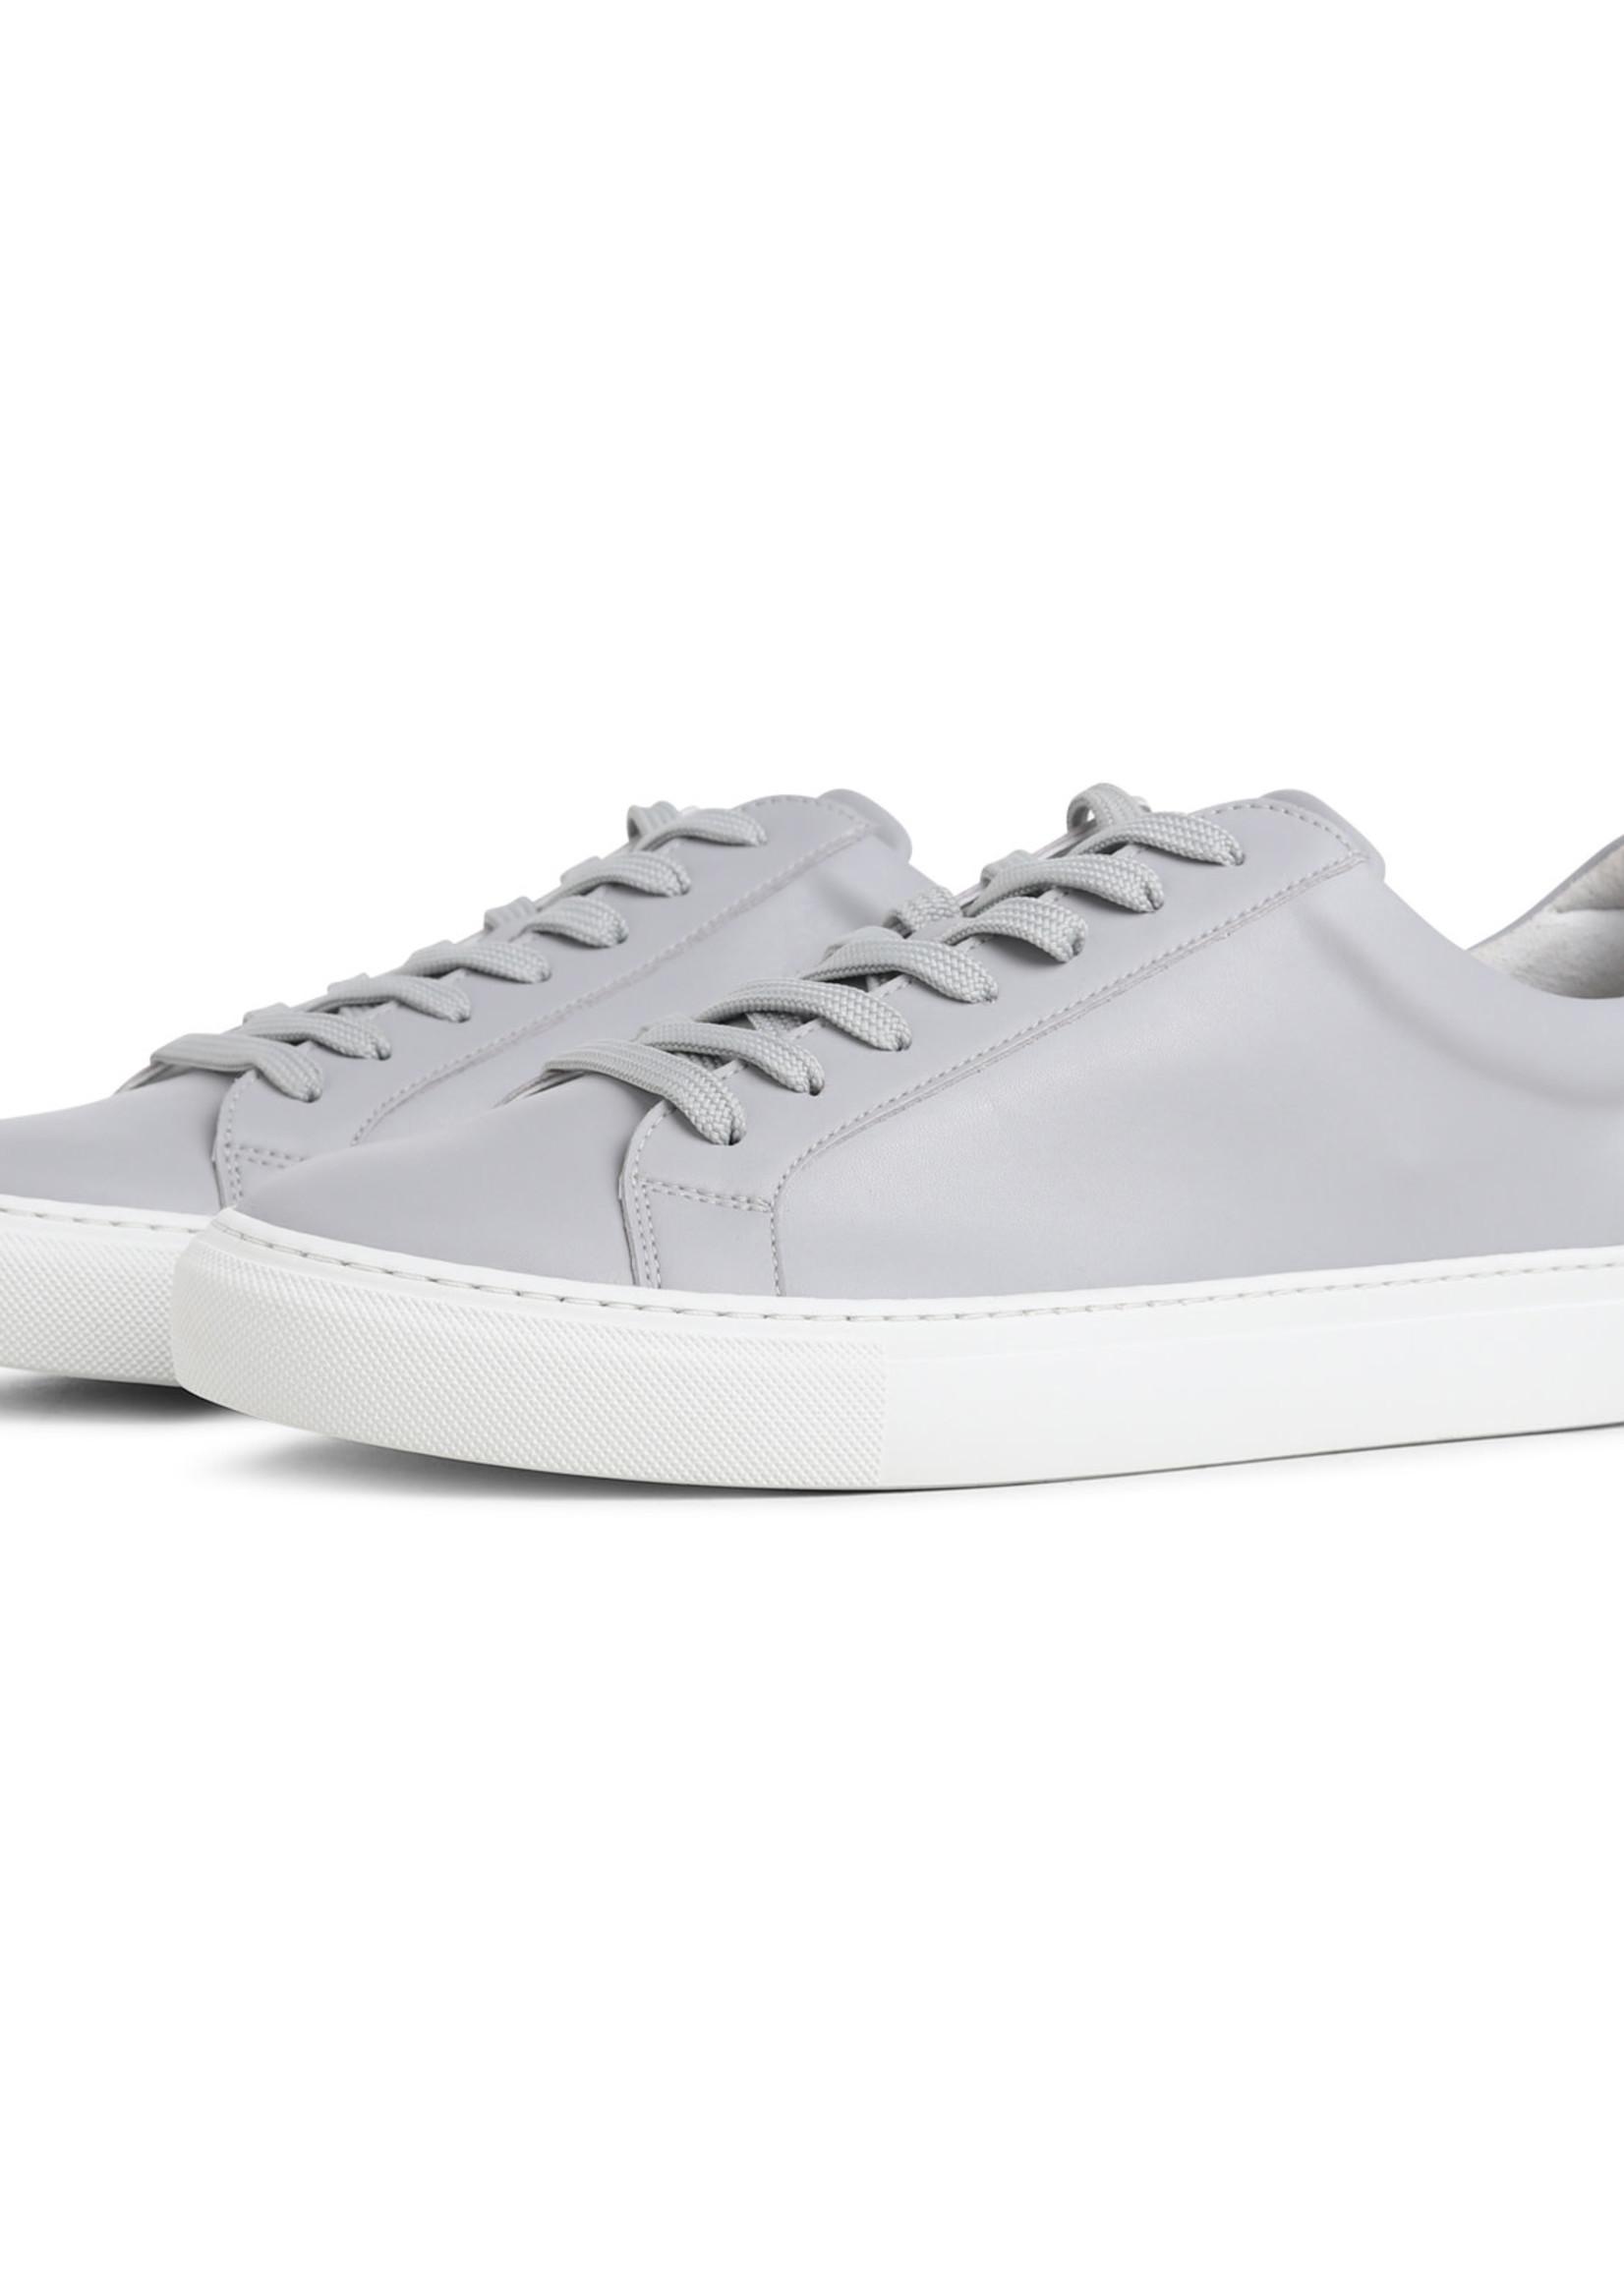 Garment Project Type Sneaker (Light Grey)